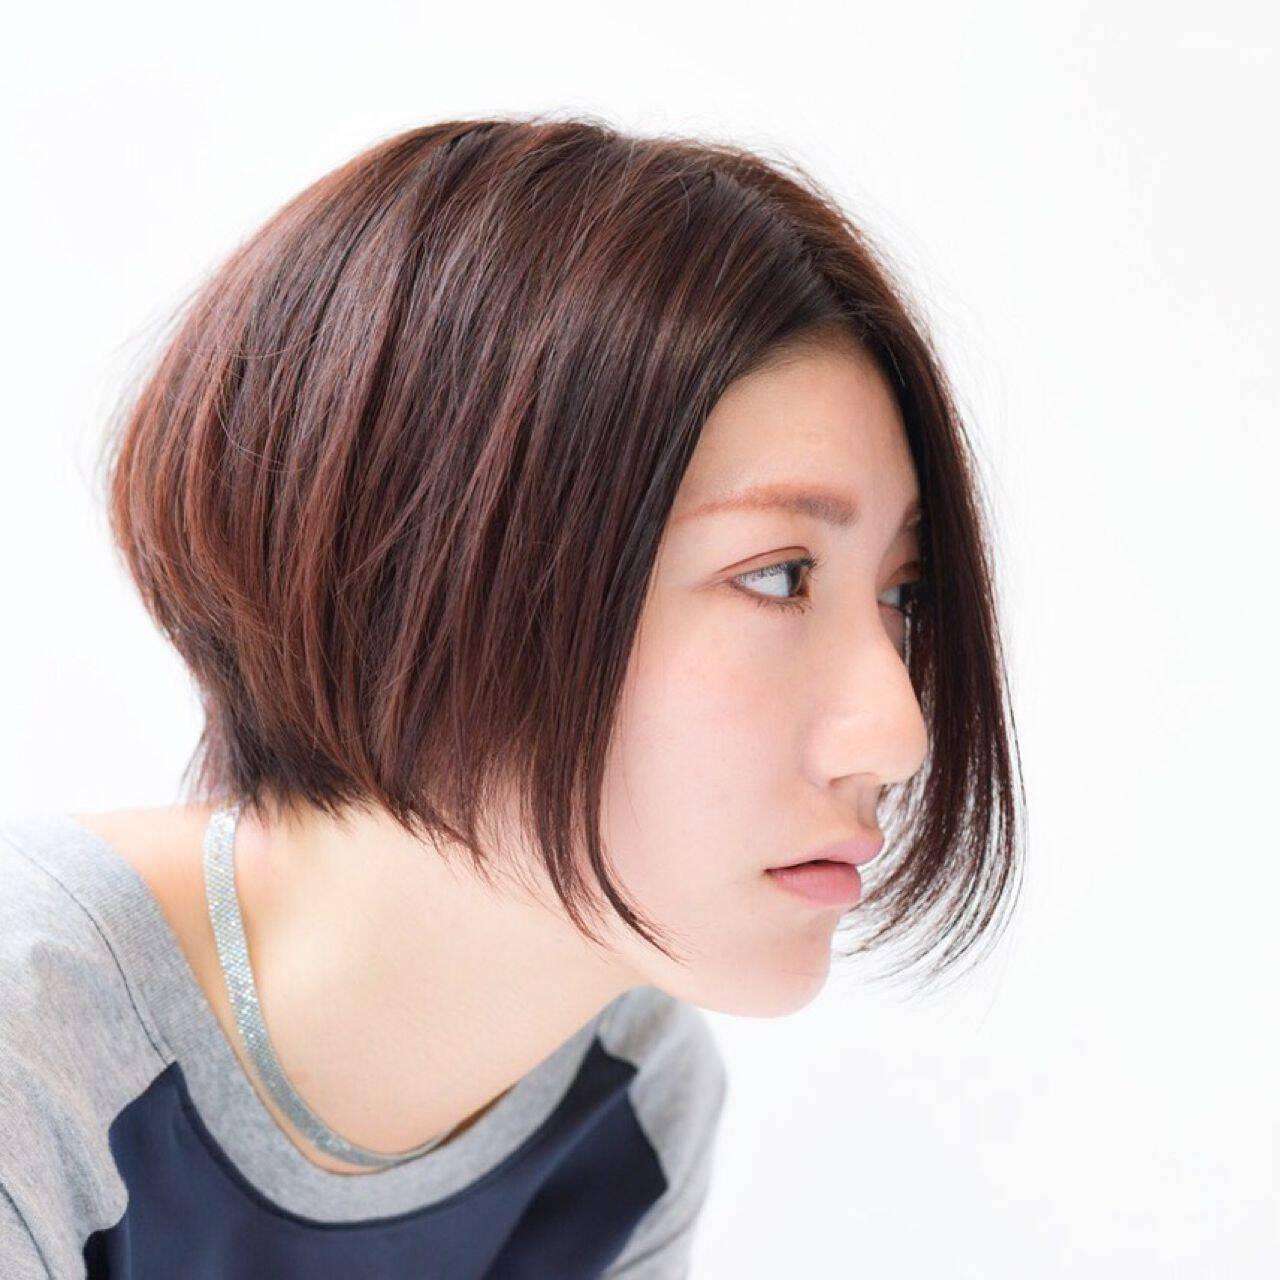 ナチュラル ショート モード ストリートヘアスタイルや髪型の写真・画像